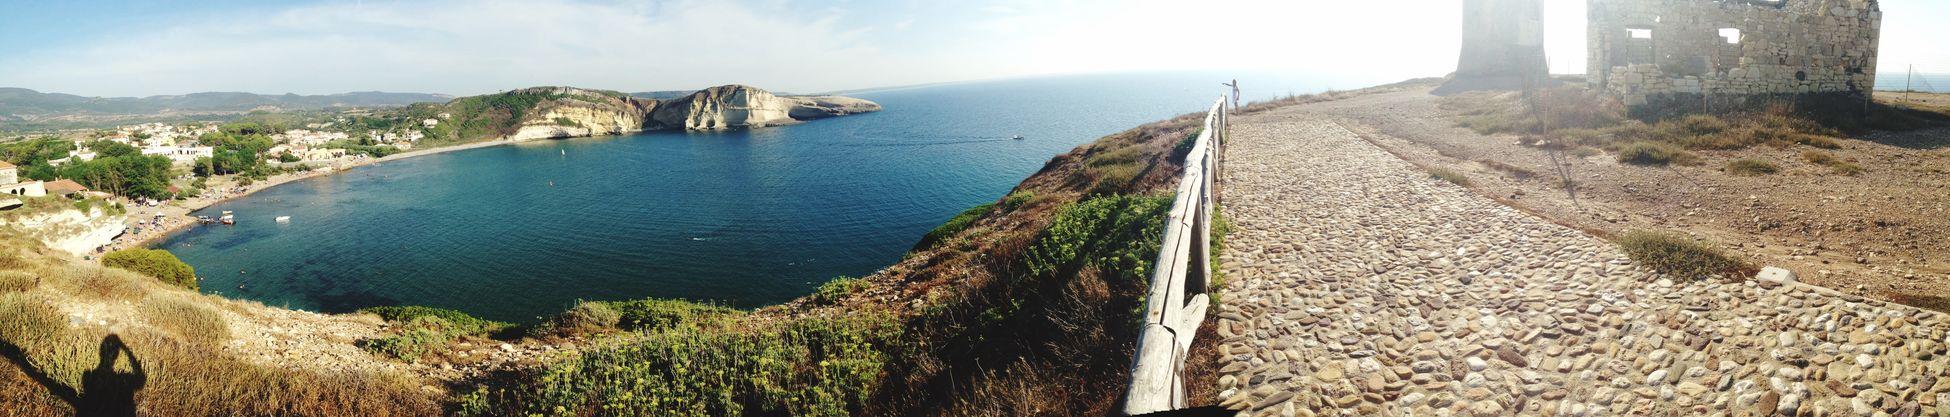 Summer Sea Seaside Italy Sardegna Landscape Photo Enjoying Life Traveling Taking Photos